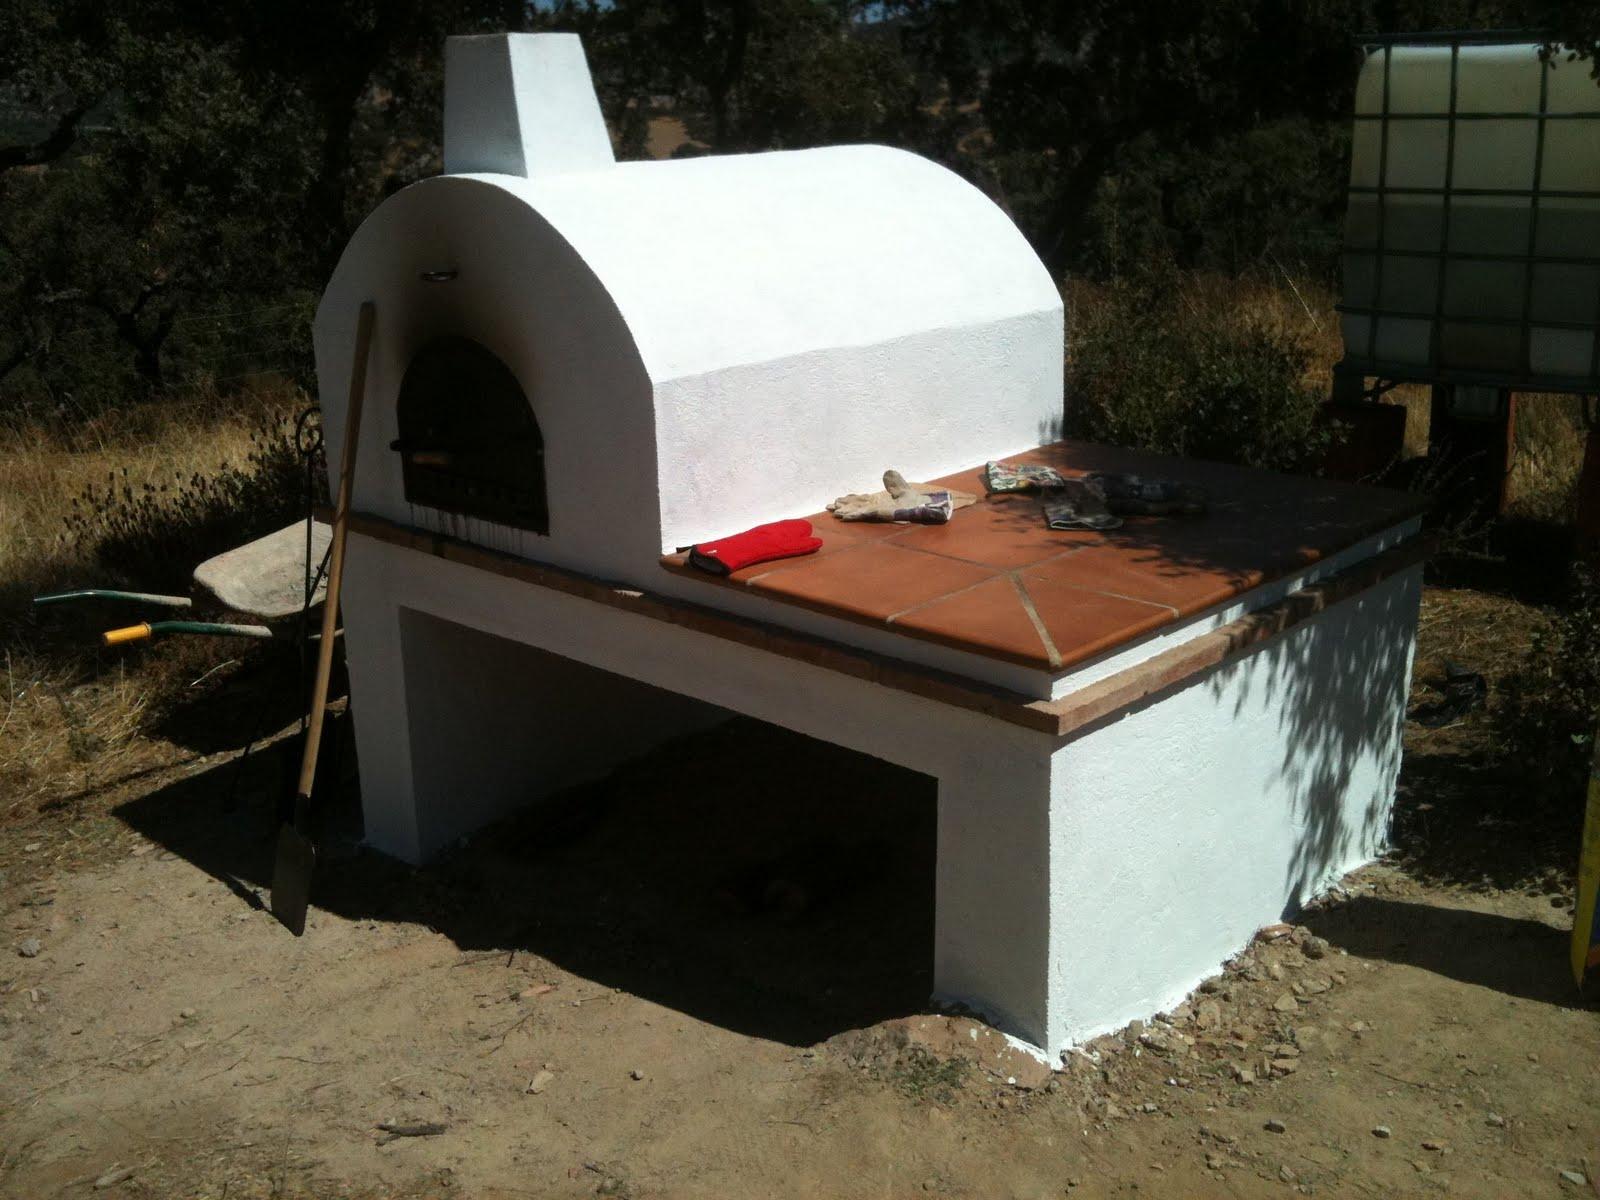 Observatorio de pr cticas procesales irregulares hornos de barro probamos el de un vecino que - Como cocinar en un horno de lena ...